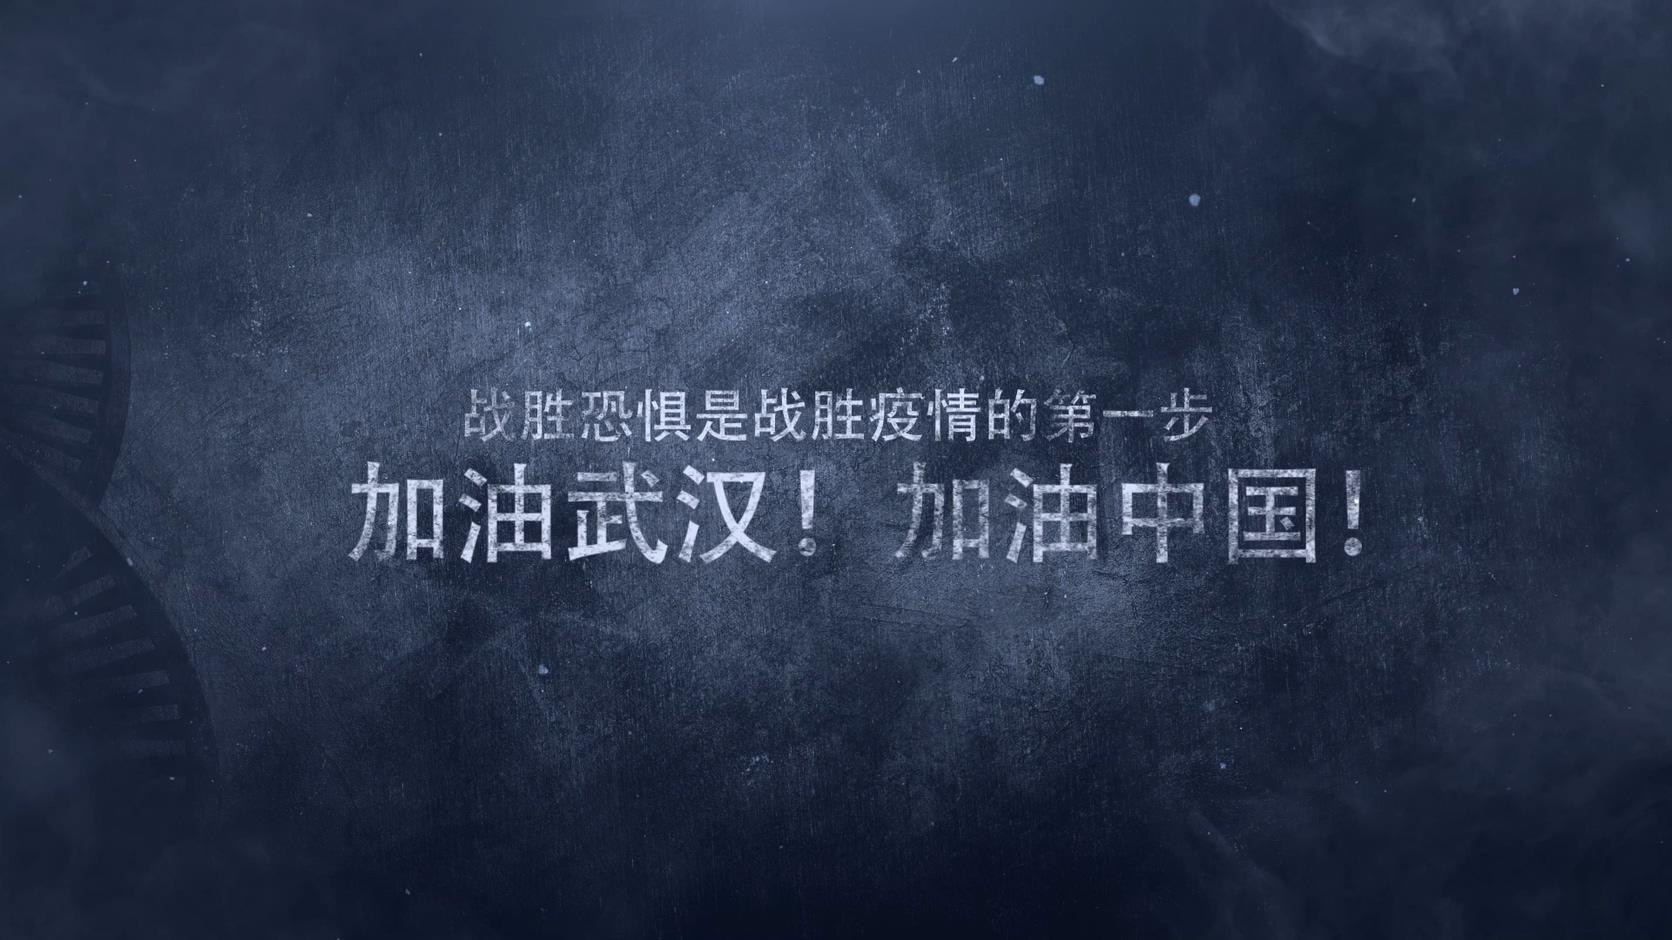 武汉疫情视频素材